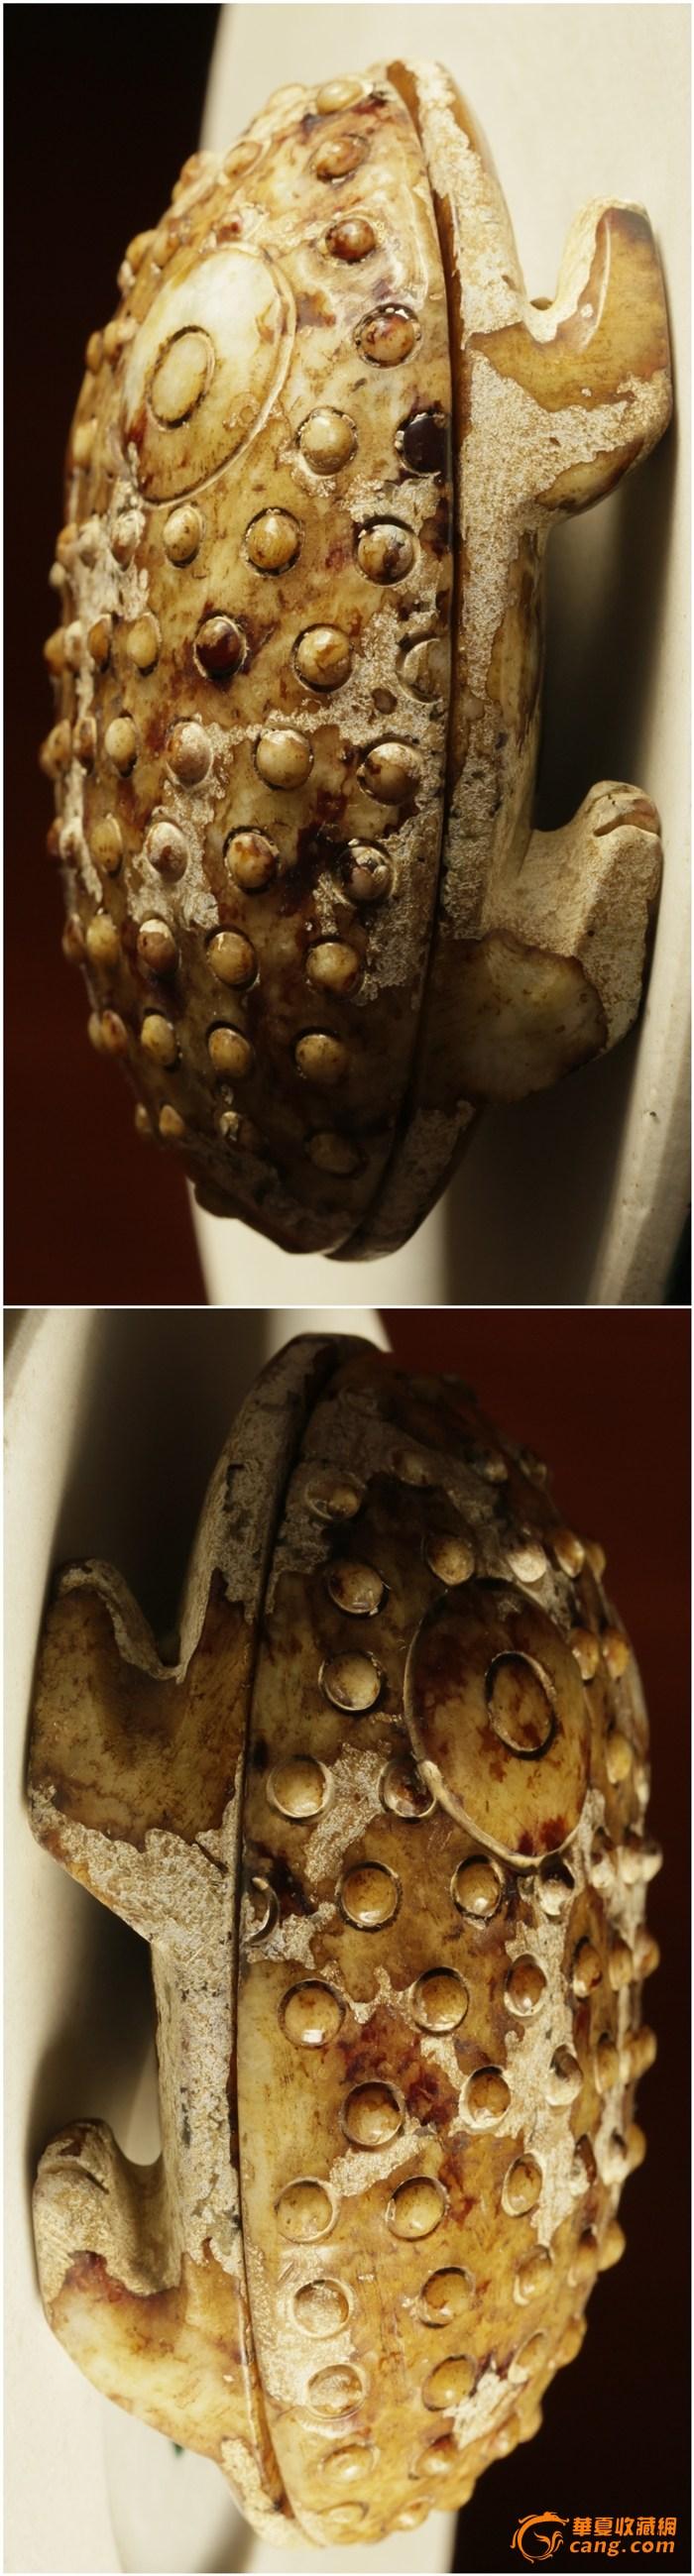 旺财风水用品 和田白玉籽料满沁 盖盒玉蟾,战汉出土古玉图5